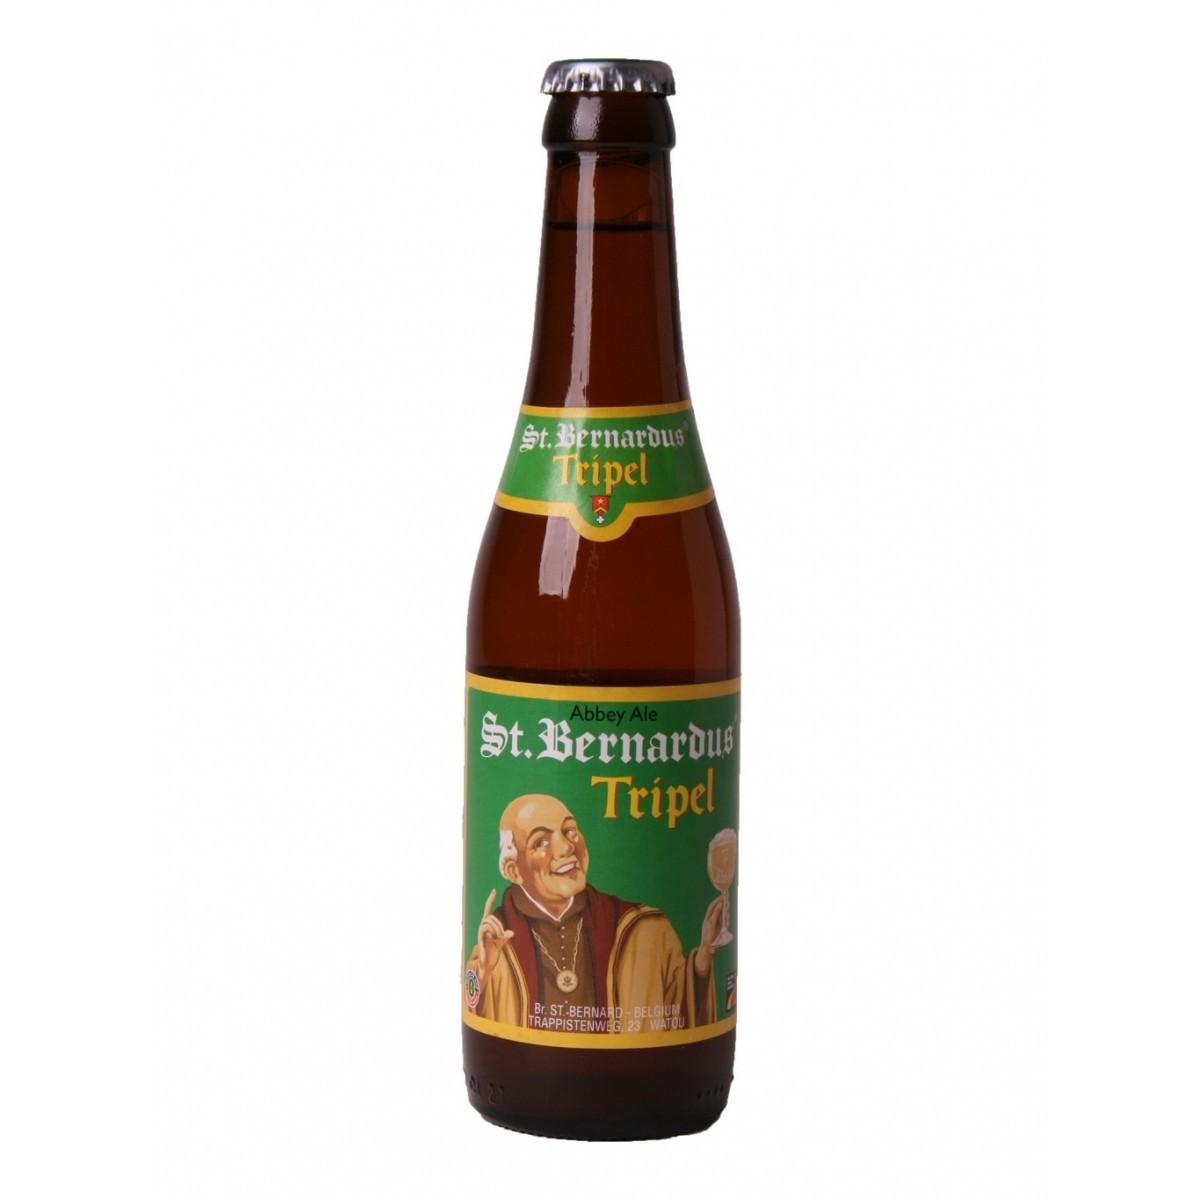 St. Bernardus Tripel 330ml